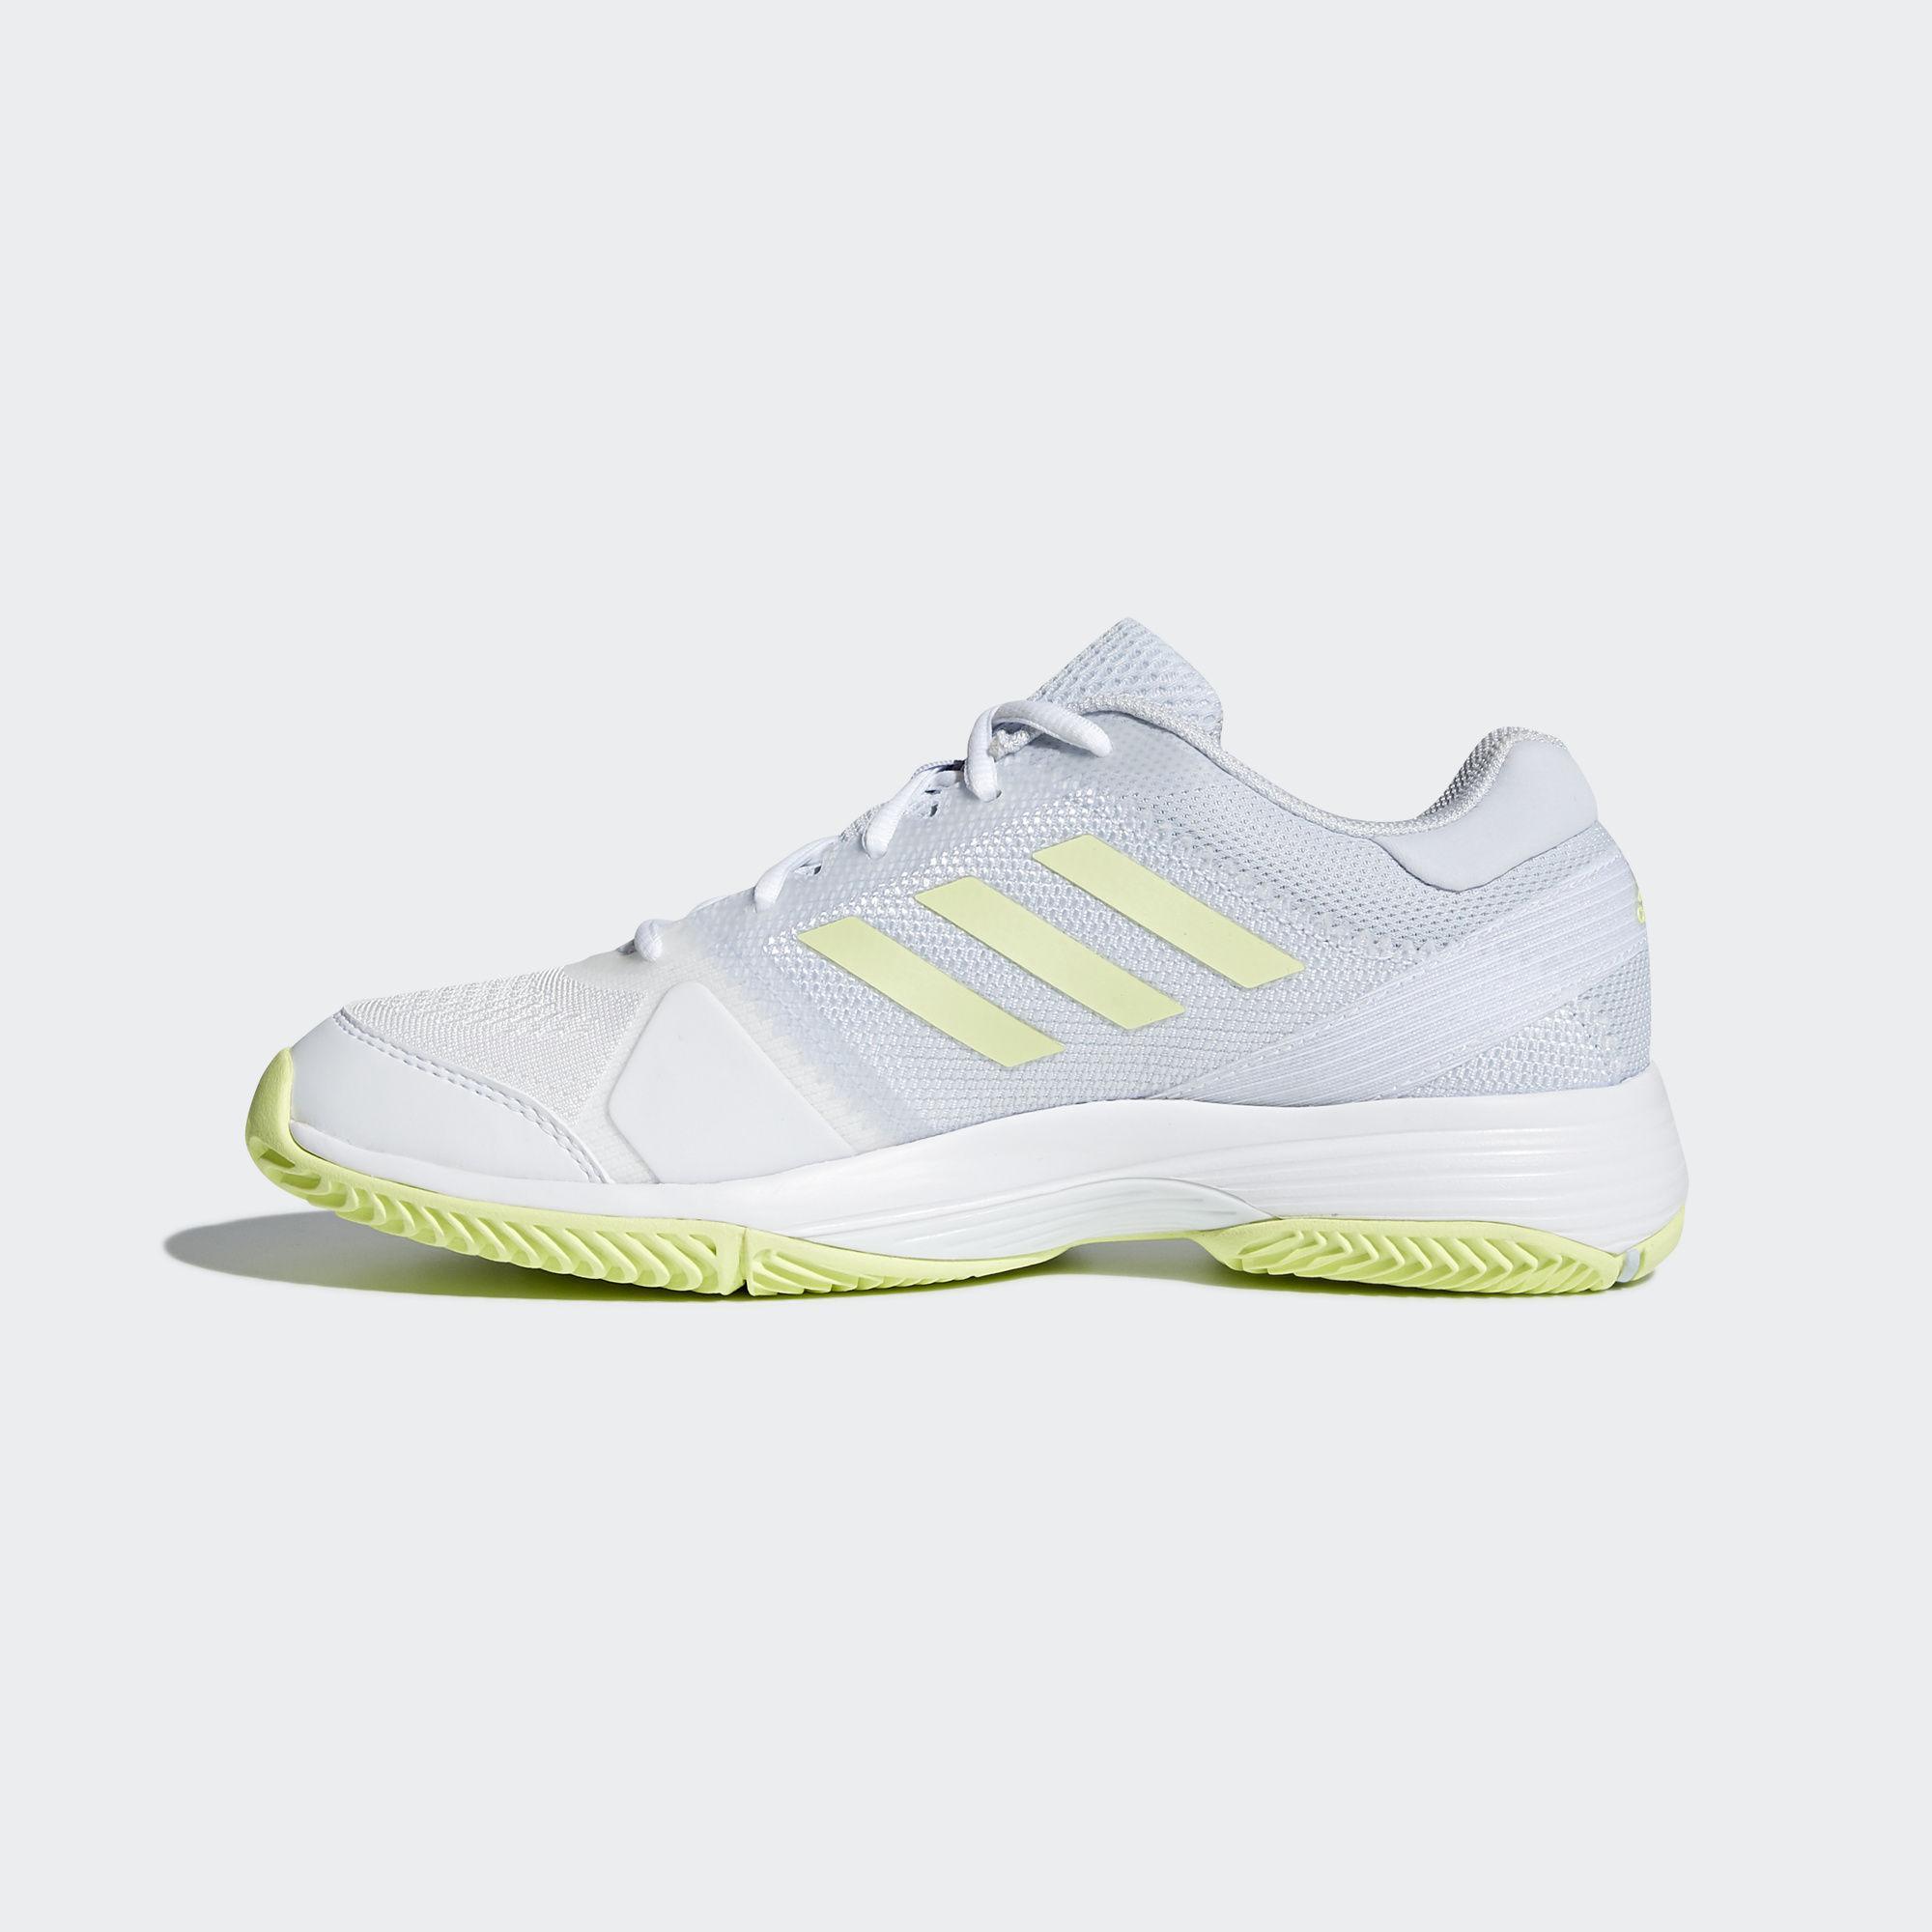 f24a1d930ea Adidas Womens Barricade Club Tennis Shoes - White Blue Yellow ...